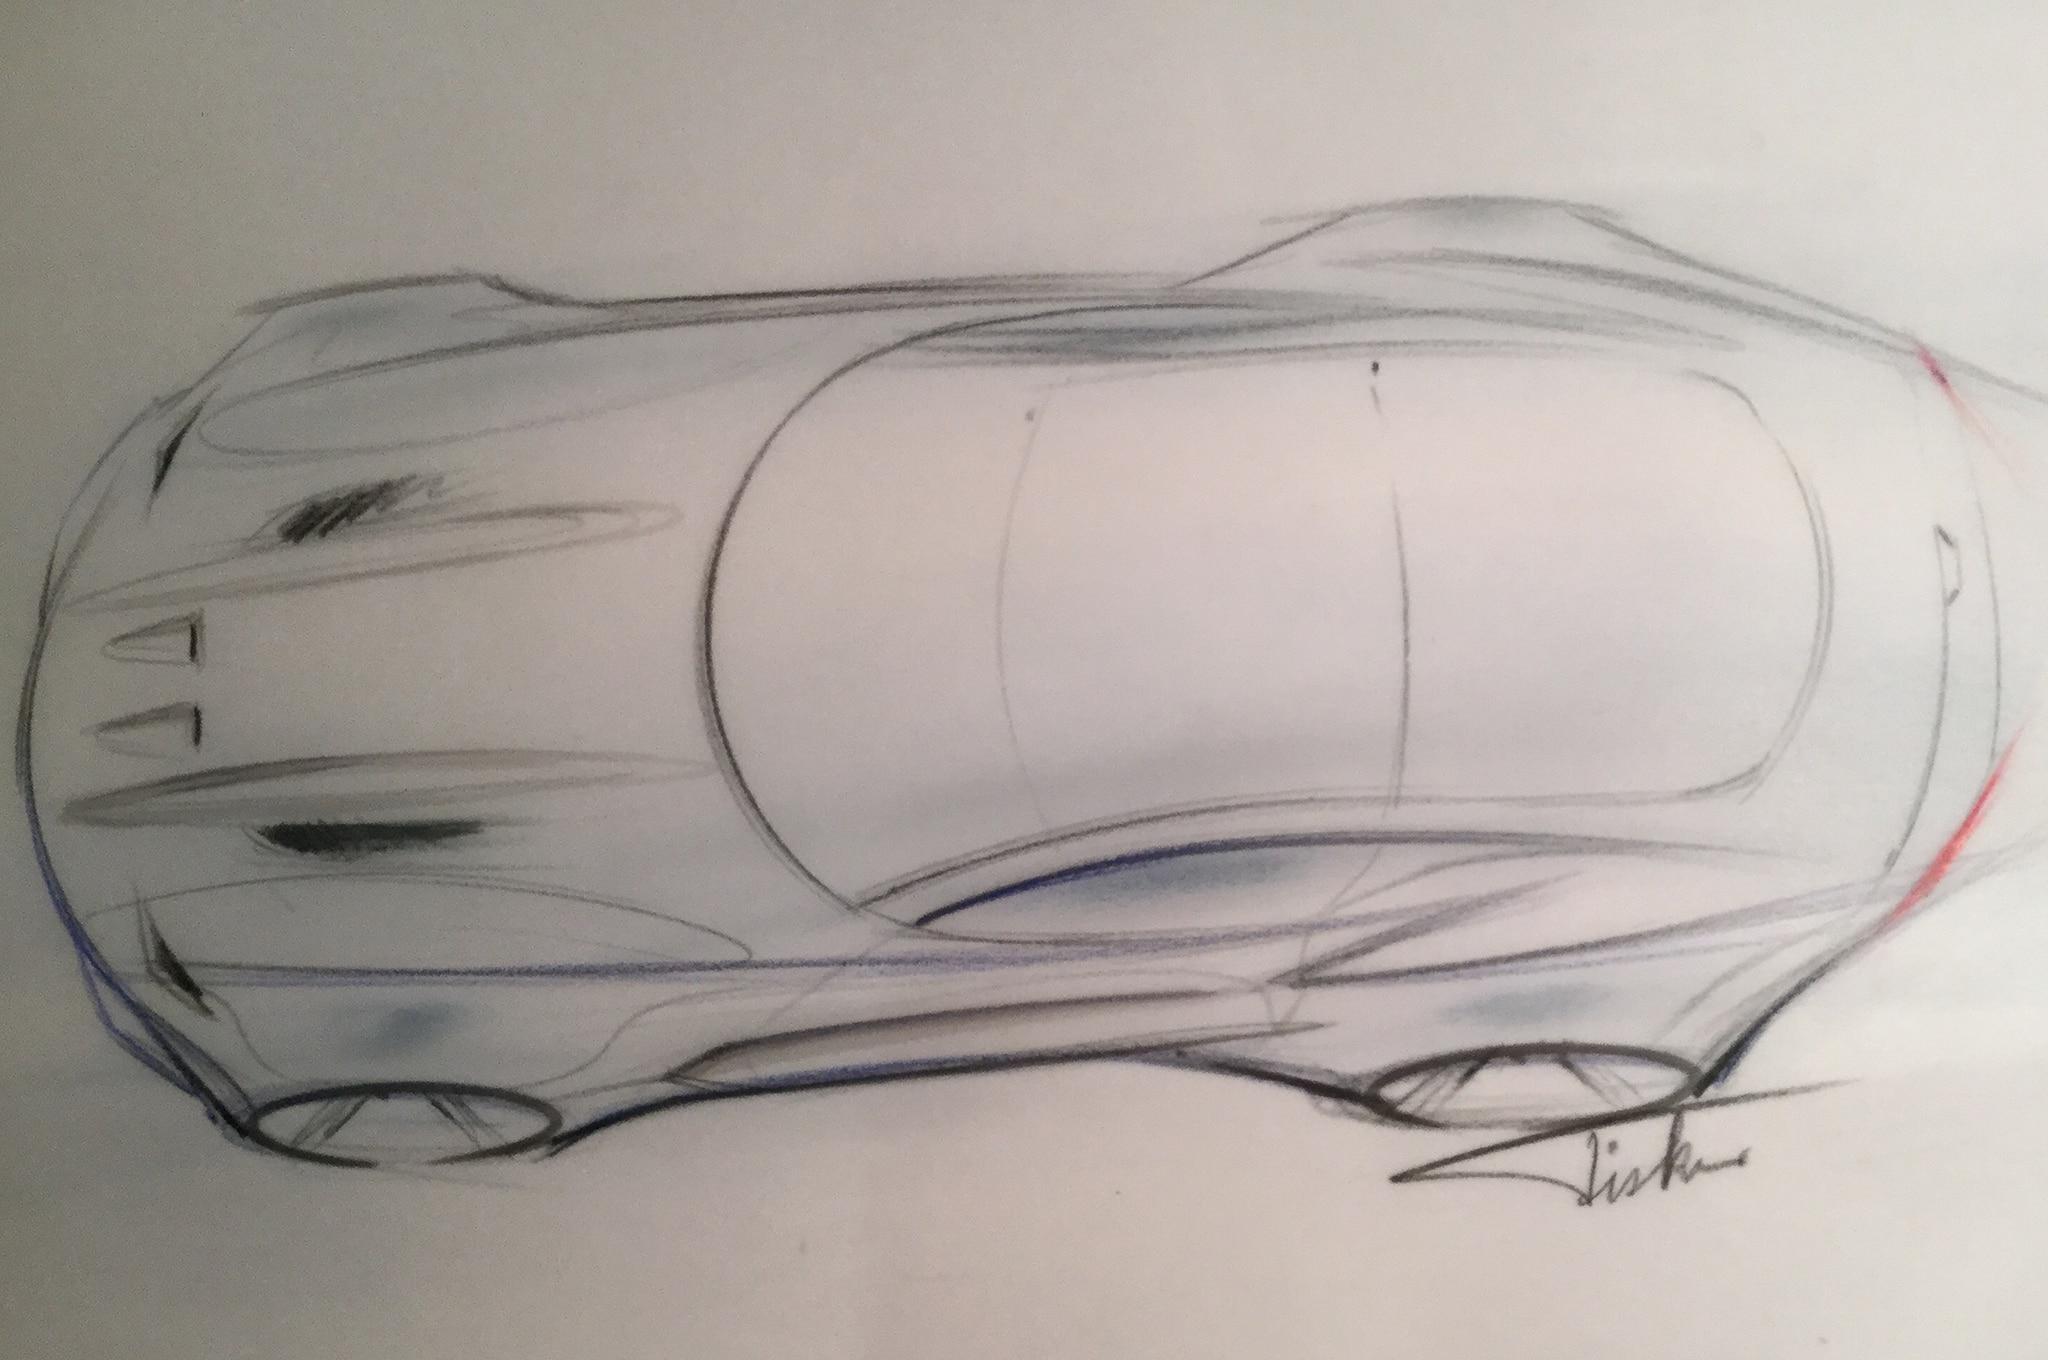 Henrik Fisker Design The Force 1 Sketch